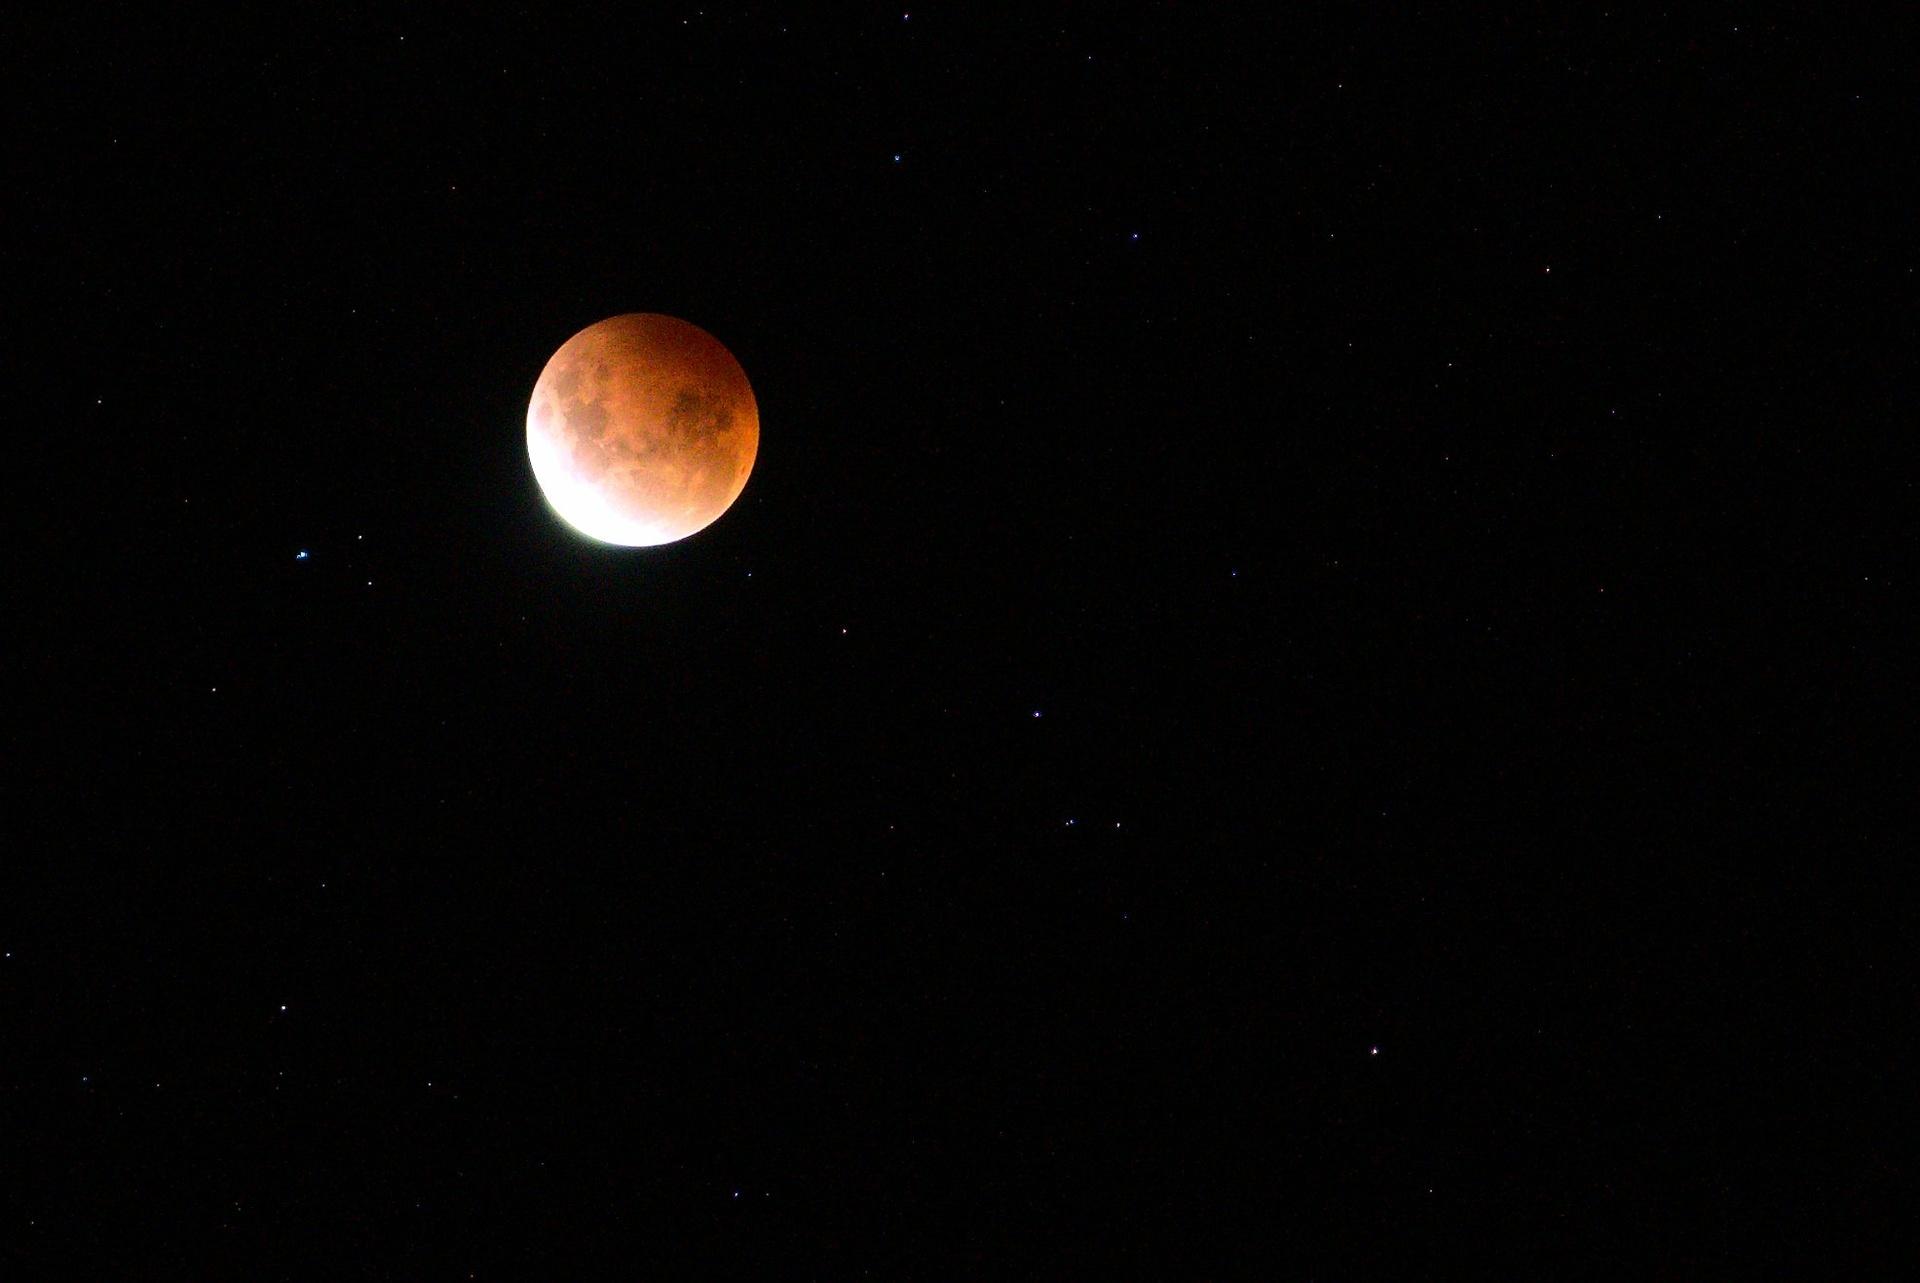 The moon, again again